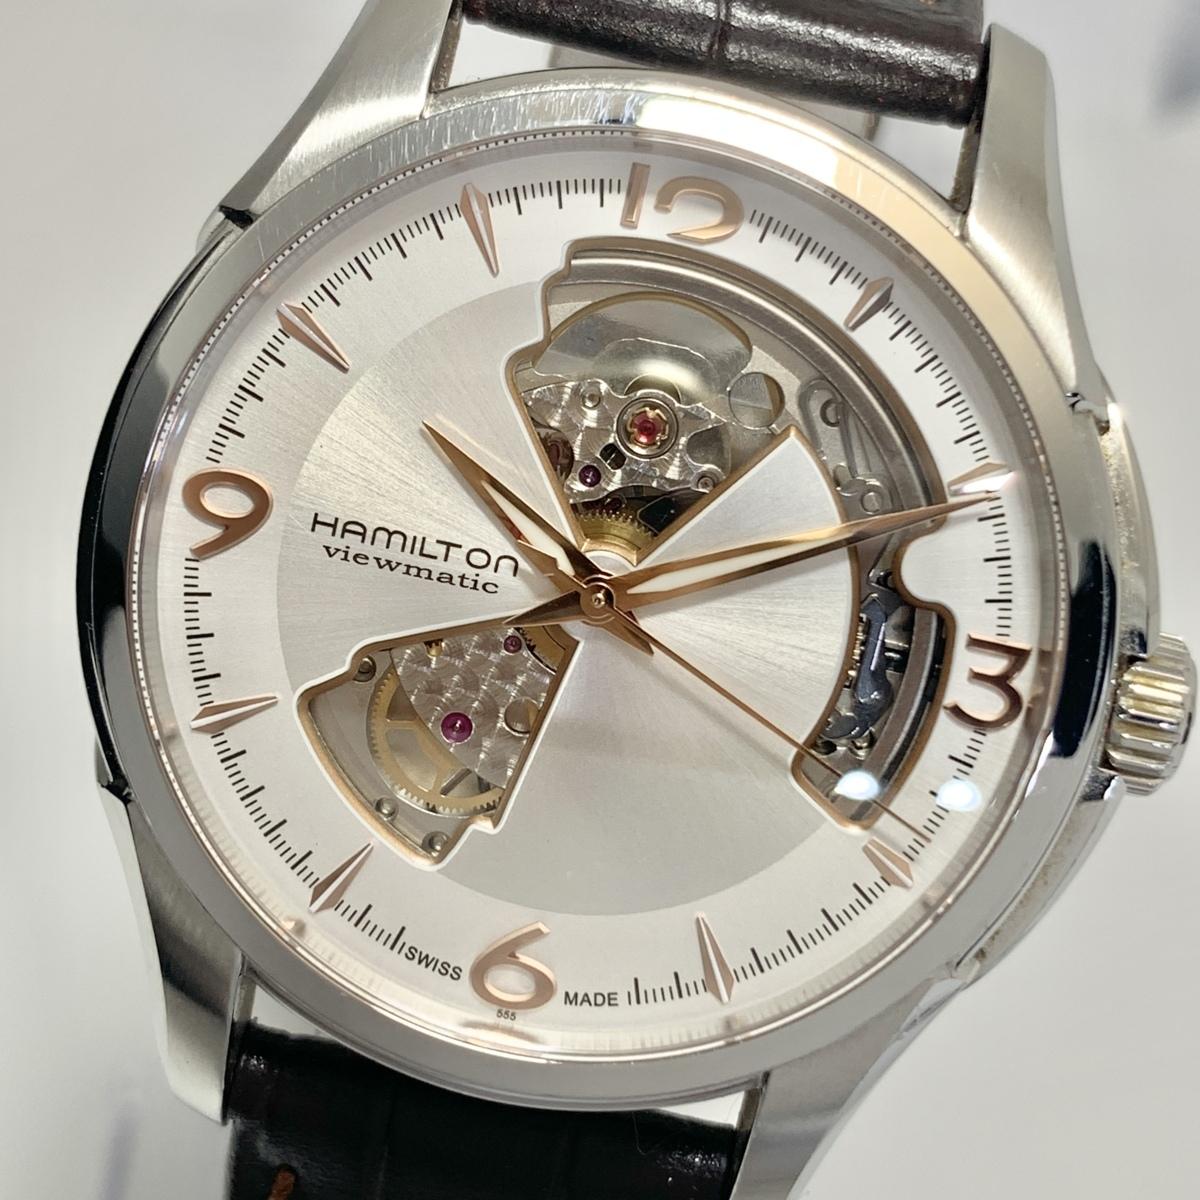 ☆1円~ ハミルトン Hamilton ジャズマスター オープンハート シルバー文字盤 H325651 メンズ 自動巻き 保証書 腕時計 CD1792938